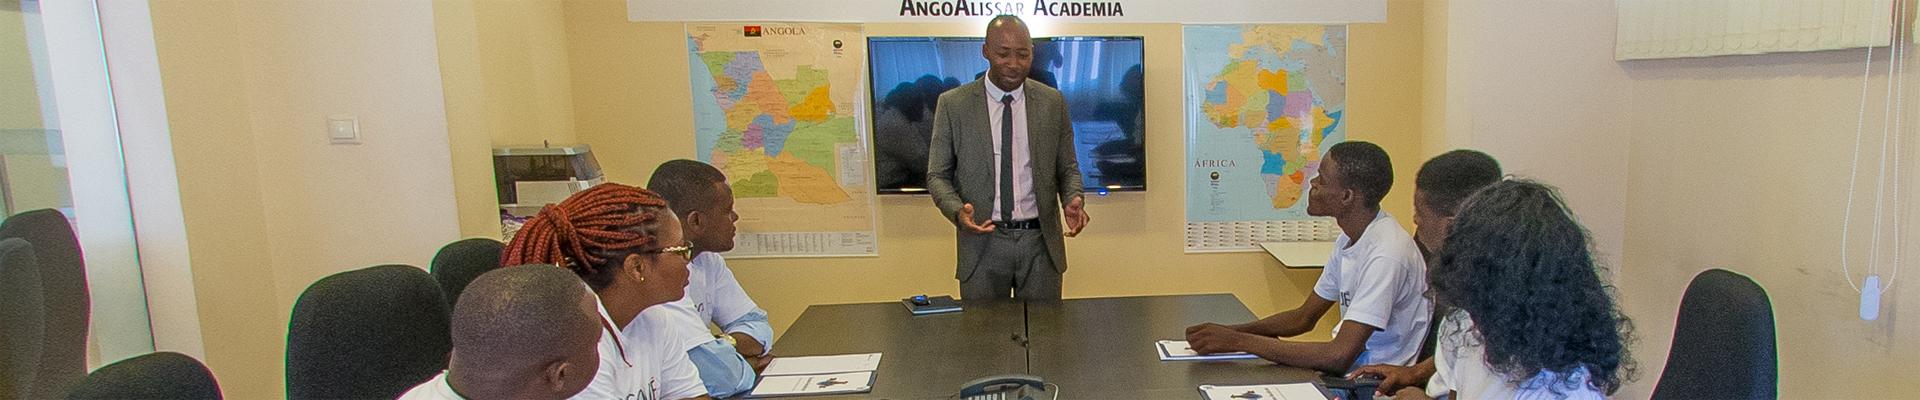 angolissar academia 01